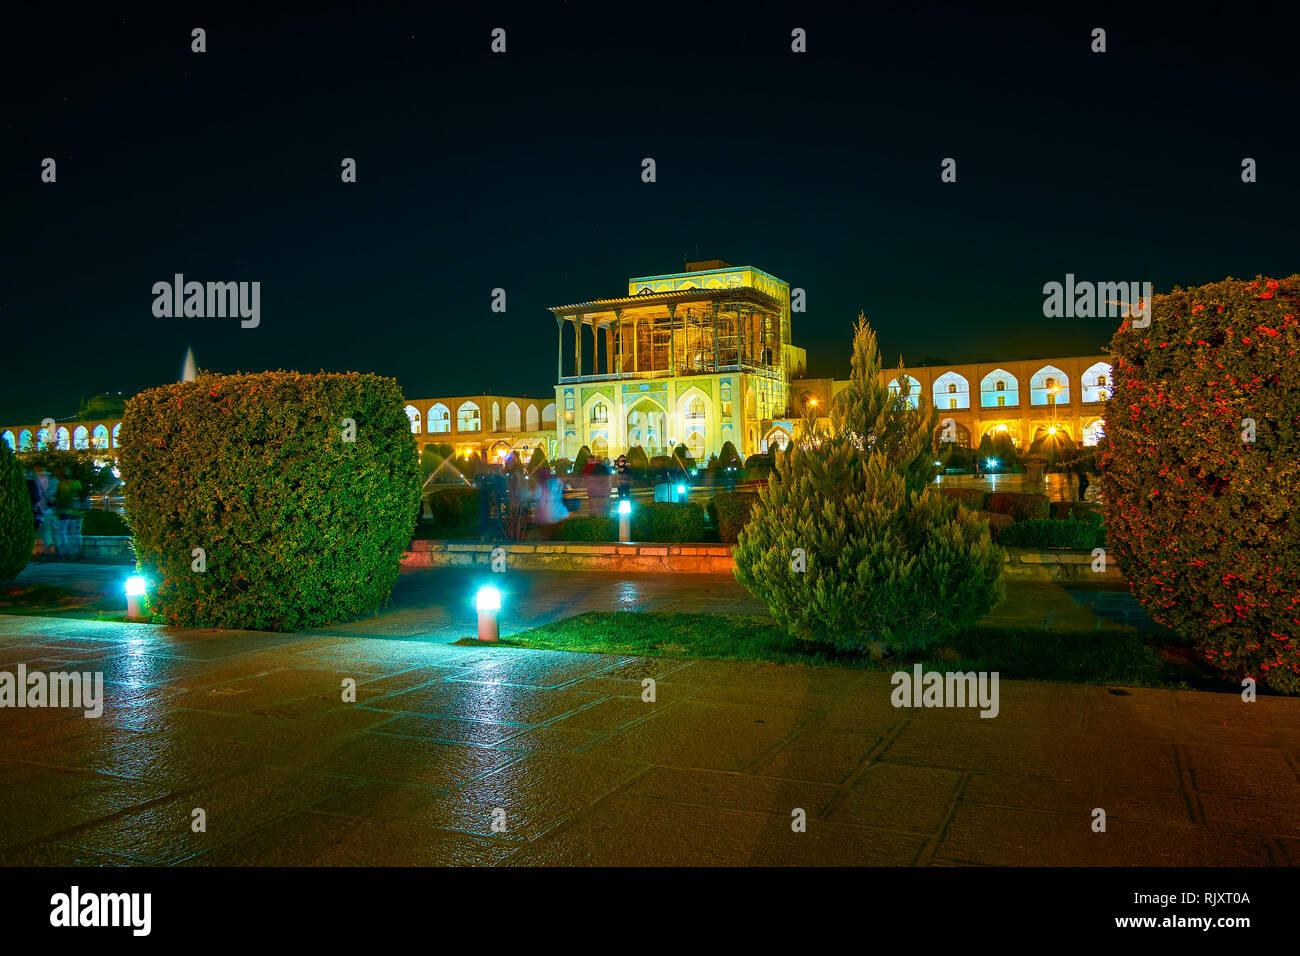 The pleasant evening in Nashq-e Jahad Square with beautifully illuminated Ali Qapu Palace, Isfahan, Iran Stock Photo